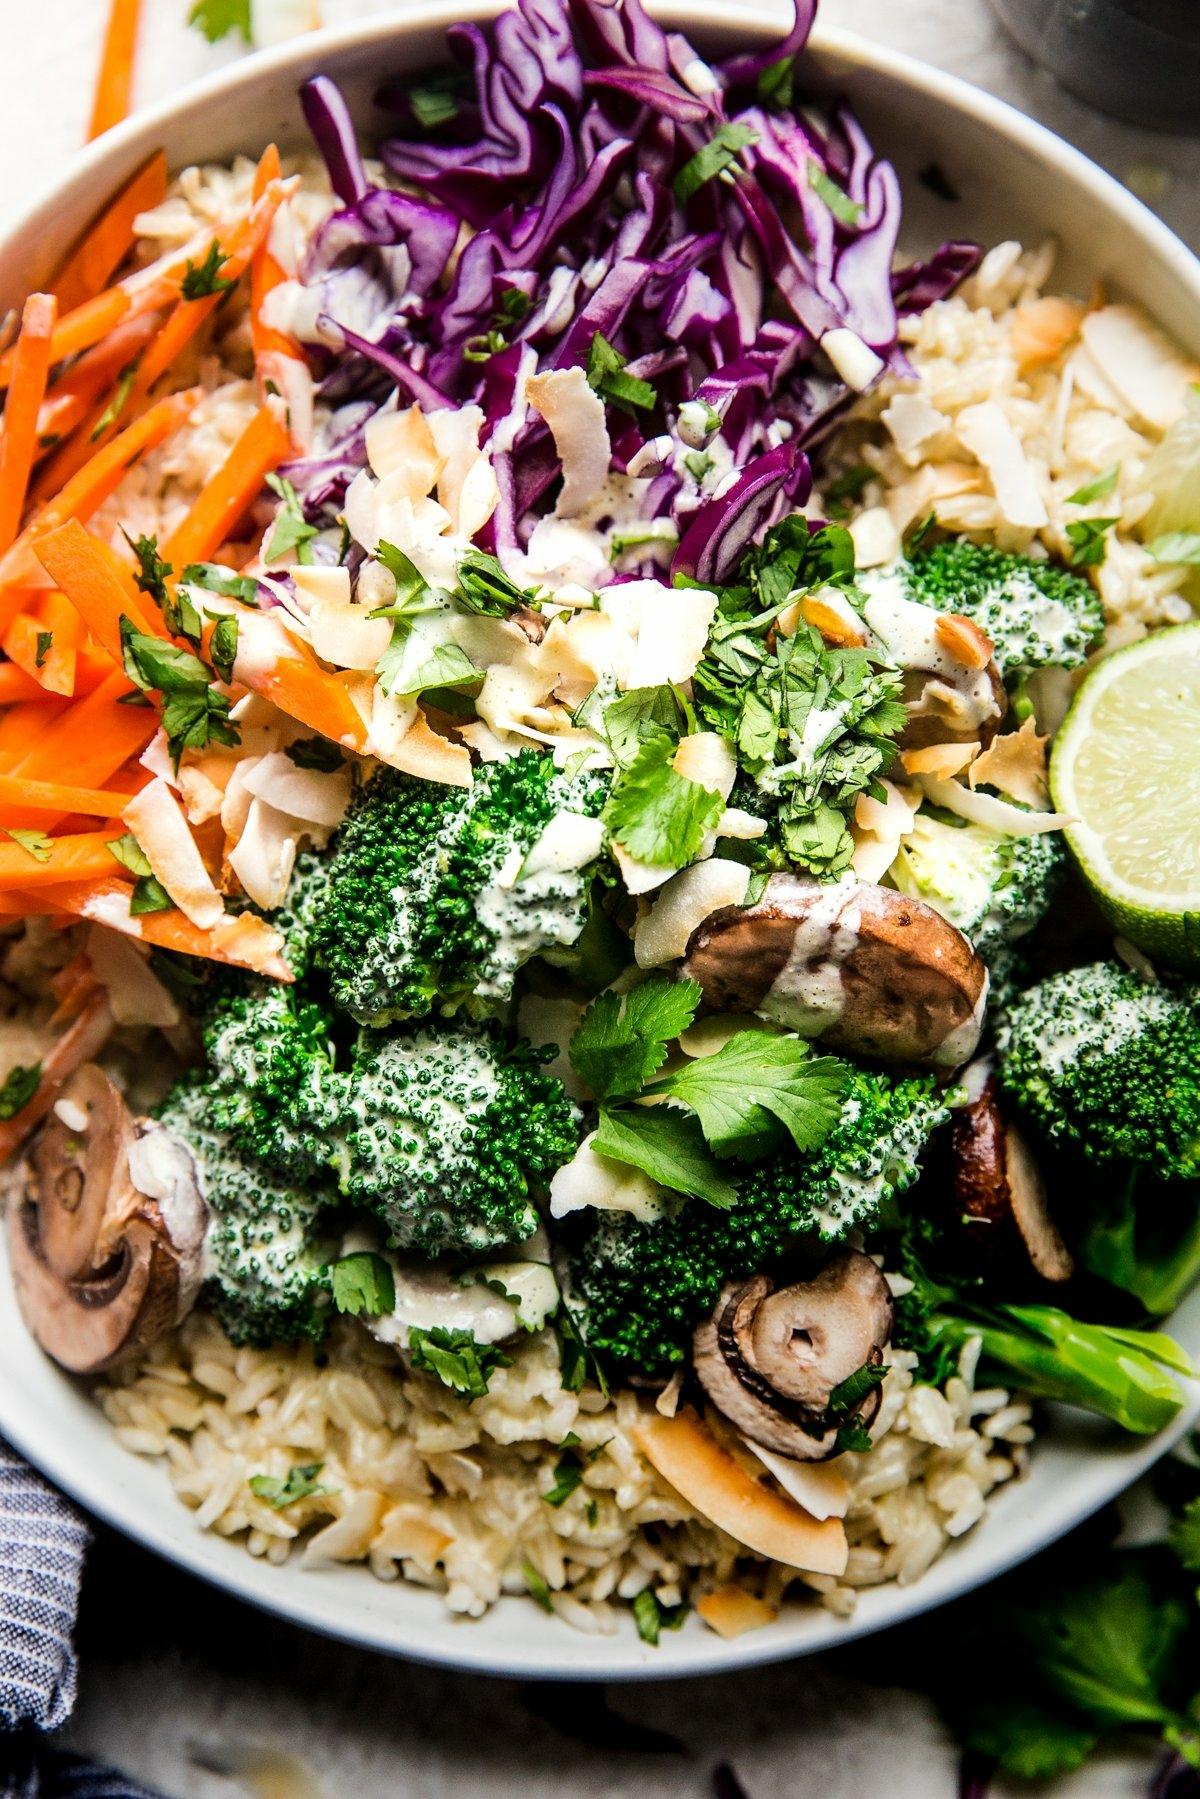 Schüsseö vegetarisch frisches Gemüse Dip